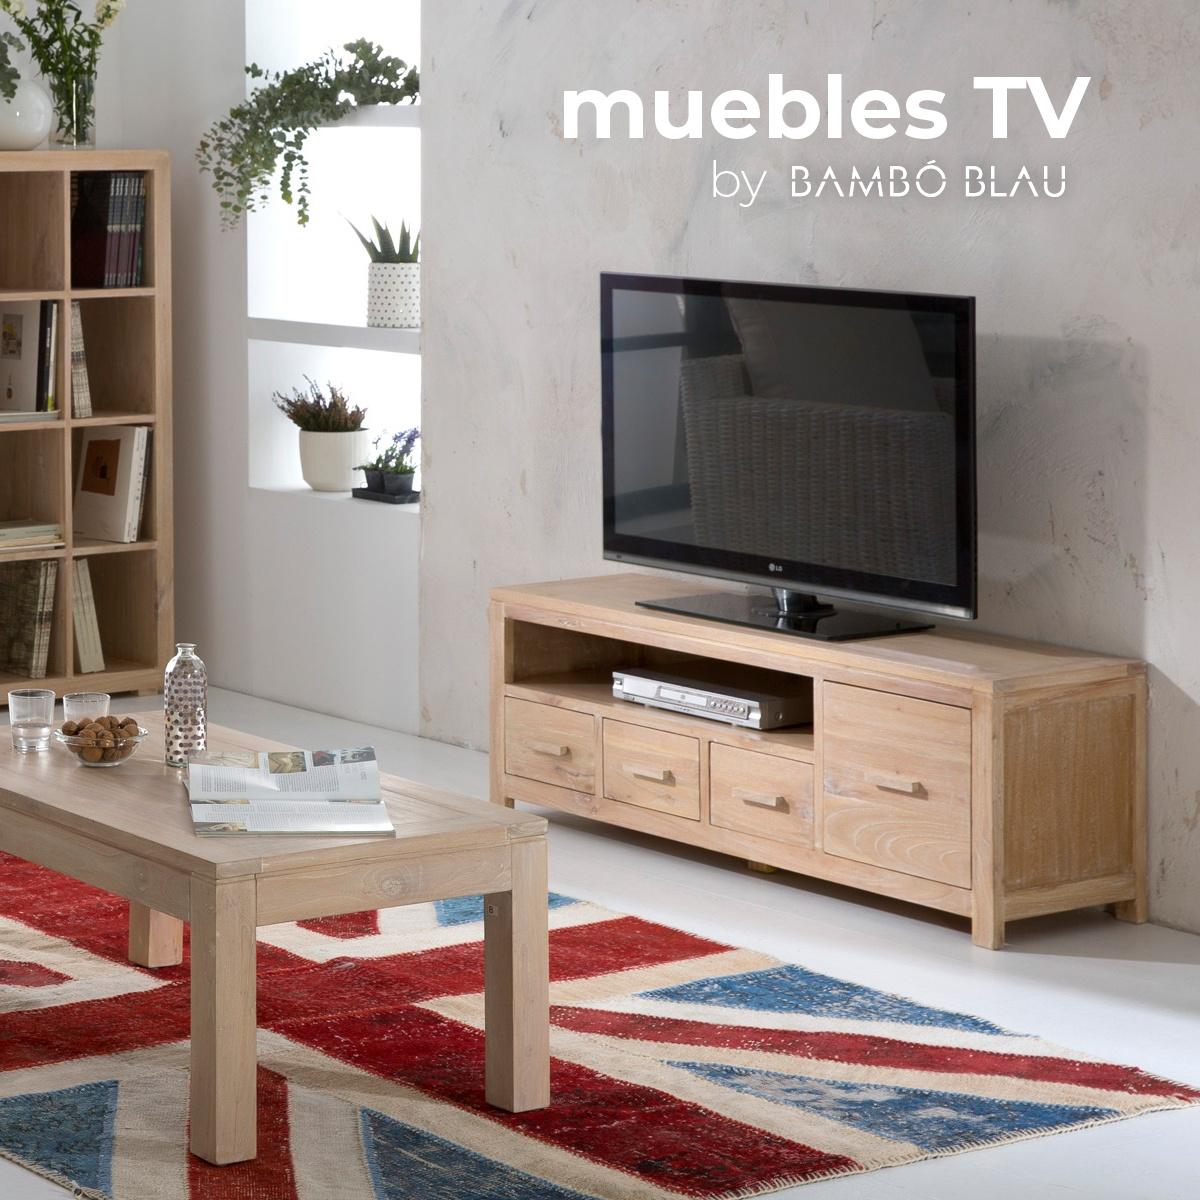 Muebles TV by Bambó Blau